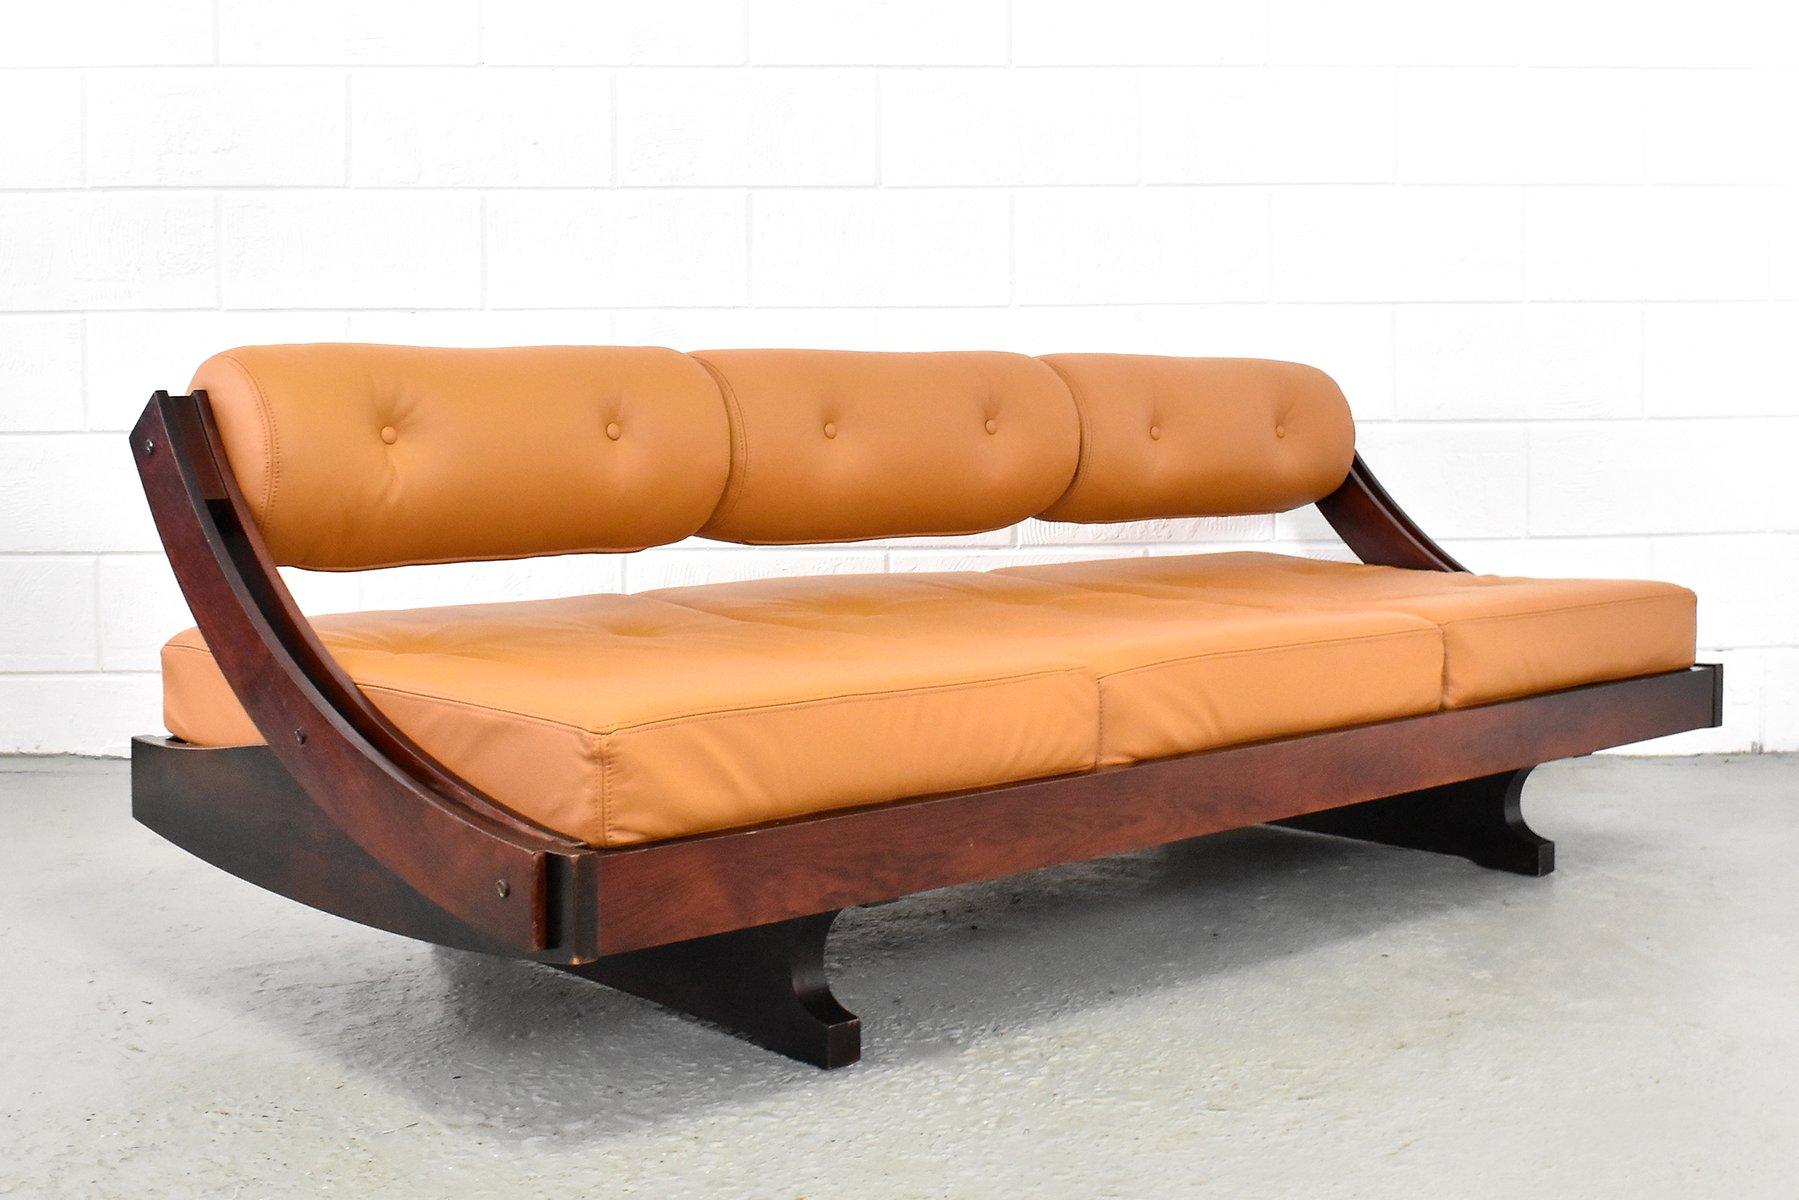 Modell GS195 Schlafsofa von Gianni Songia für Sormani, 1970er